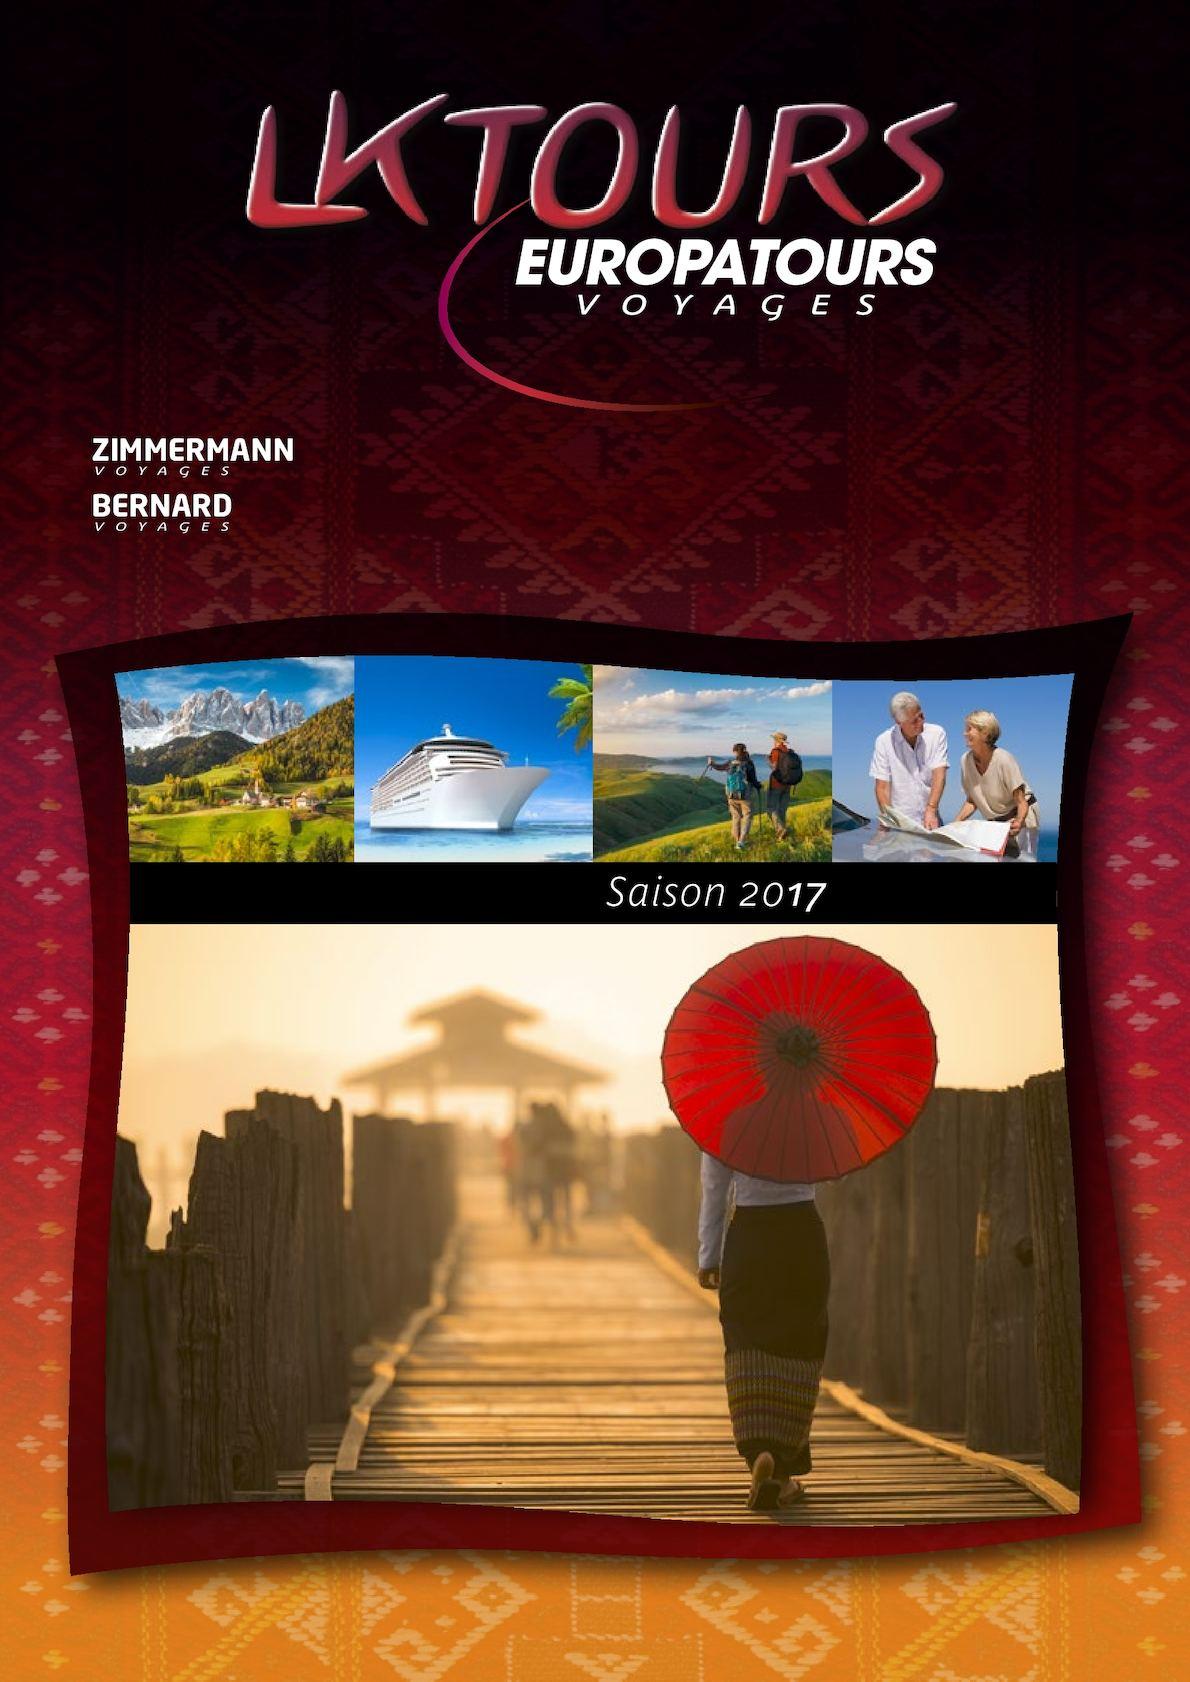 ff3b42a124cf Calaméo - Brochure LK Tours 2017